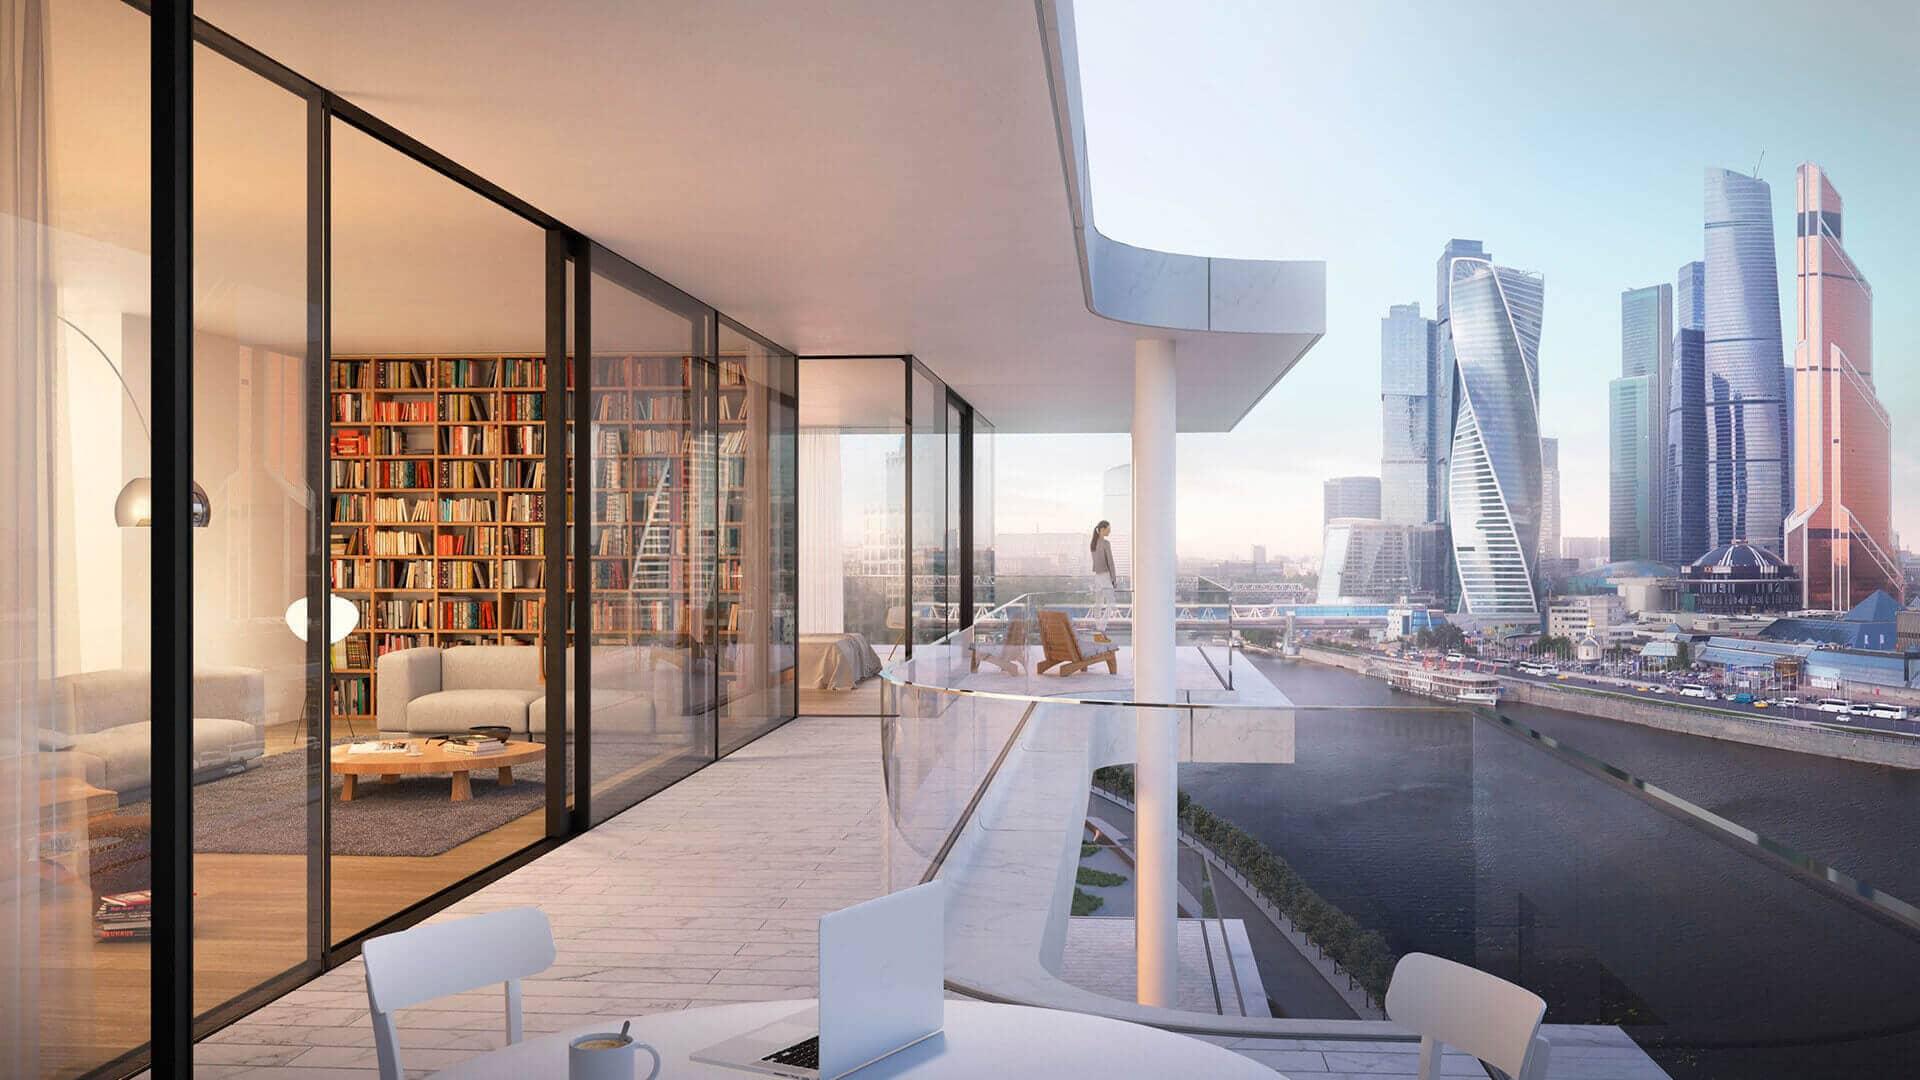 The Future of Architecture? It's Green! - The Architecture Designs